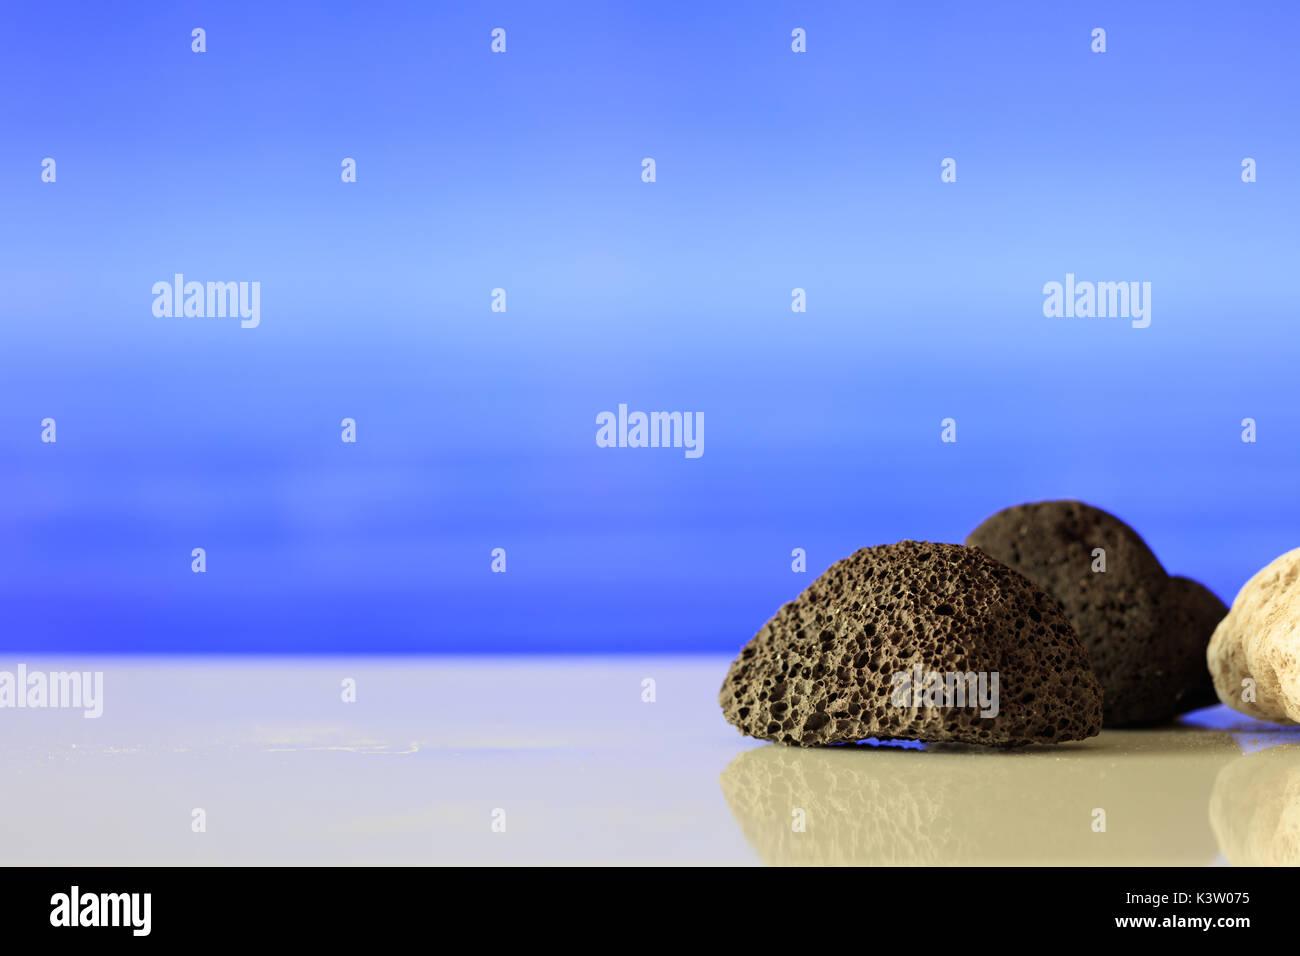 Bianco E Nero Pietre Pomice Sul Blu Del Mare Sullo Sfondo Foto